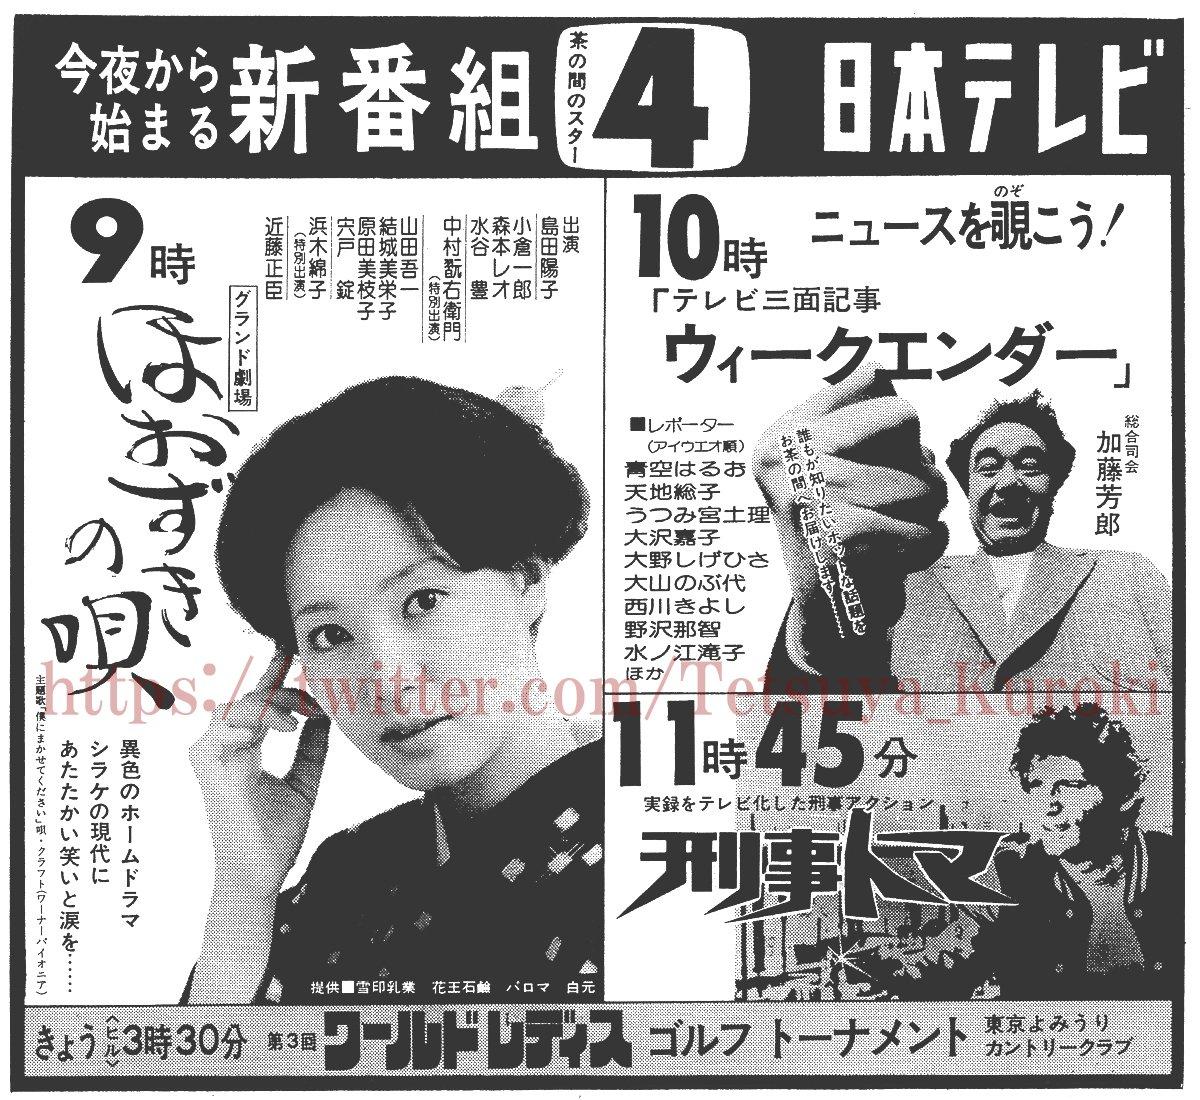 1975年4月5日の毎日新聞夕刊に載ったウィークエンダーの新番組広告では、『ドラえもん』の大山のぶ代さんや、『スペースコ